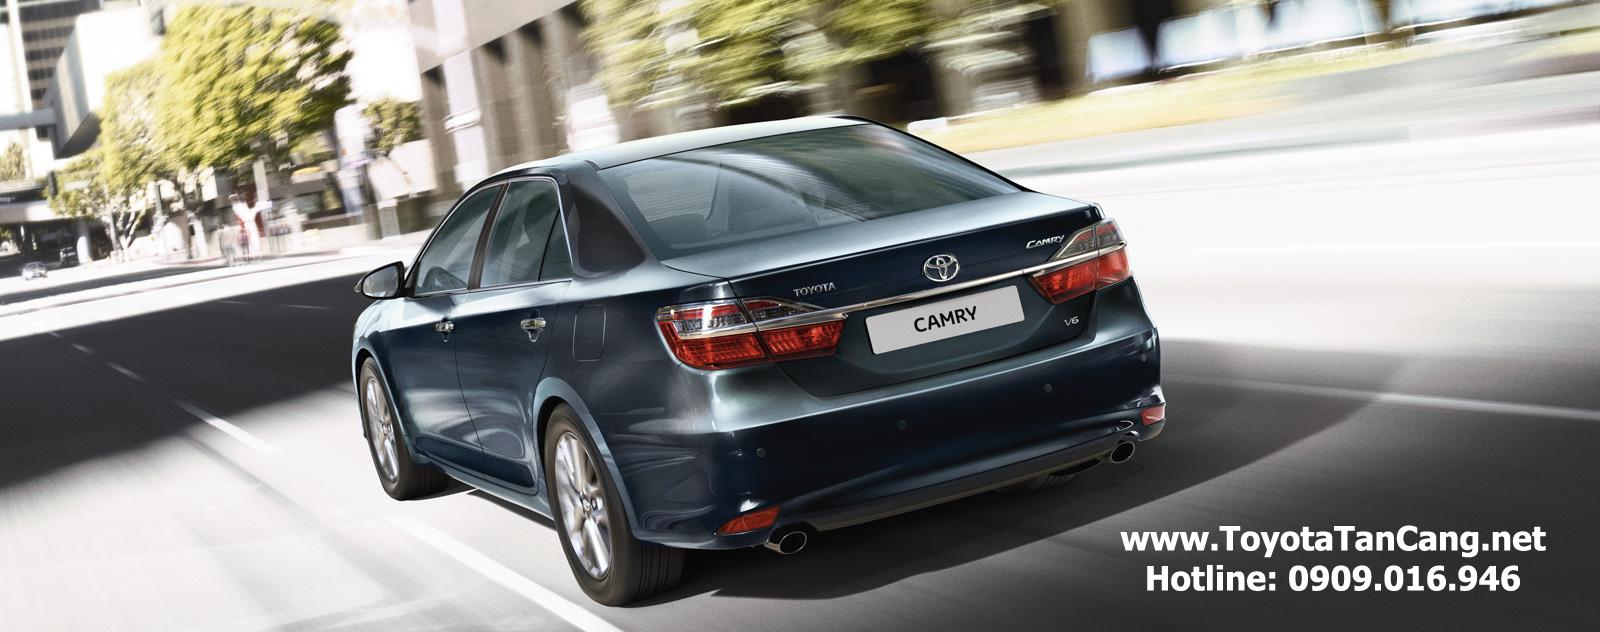 Khám phá Toyota Camry 2015 phiên bản mới ra mắt tại Việt Nam